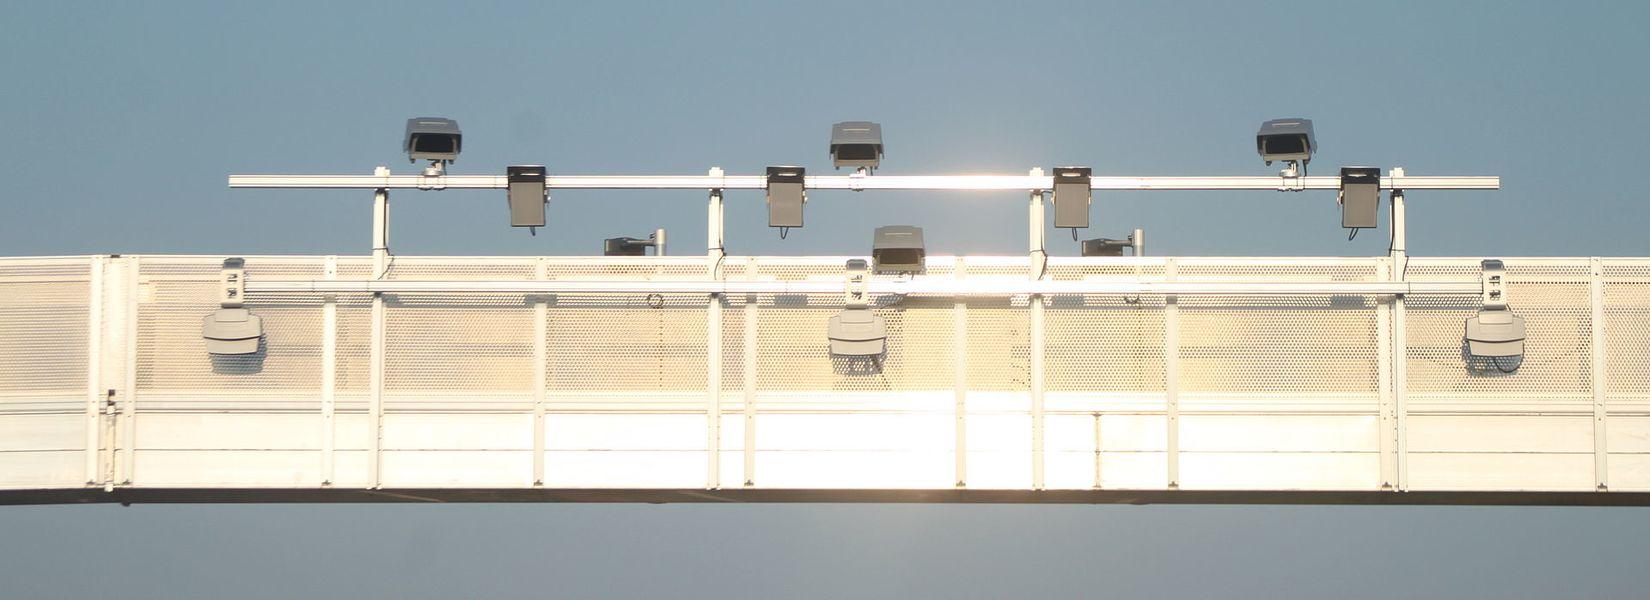 Détail des instruments d'un portique écotaxe (Redevance poids lourds liée aux prestations), sur la RN249 (Nantes-Cholet), Fr-49-La Séguinière.